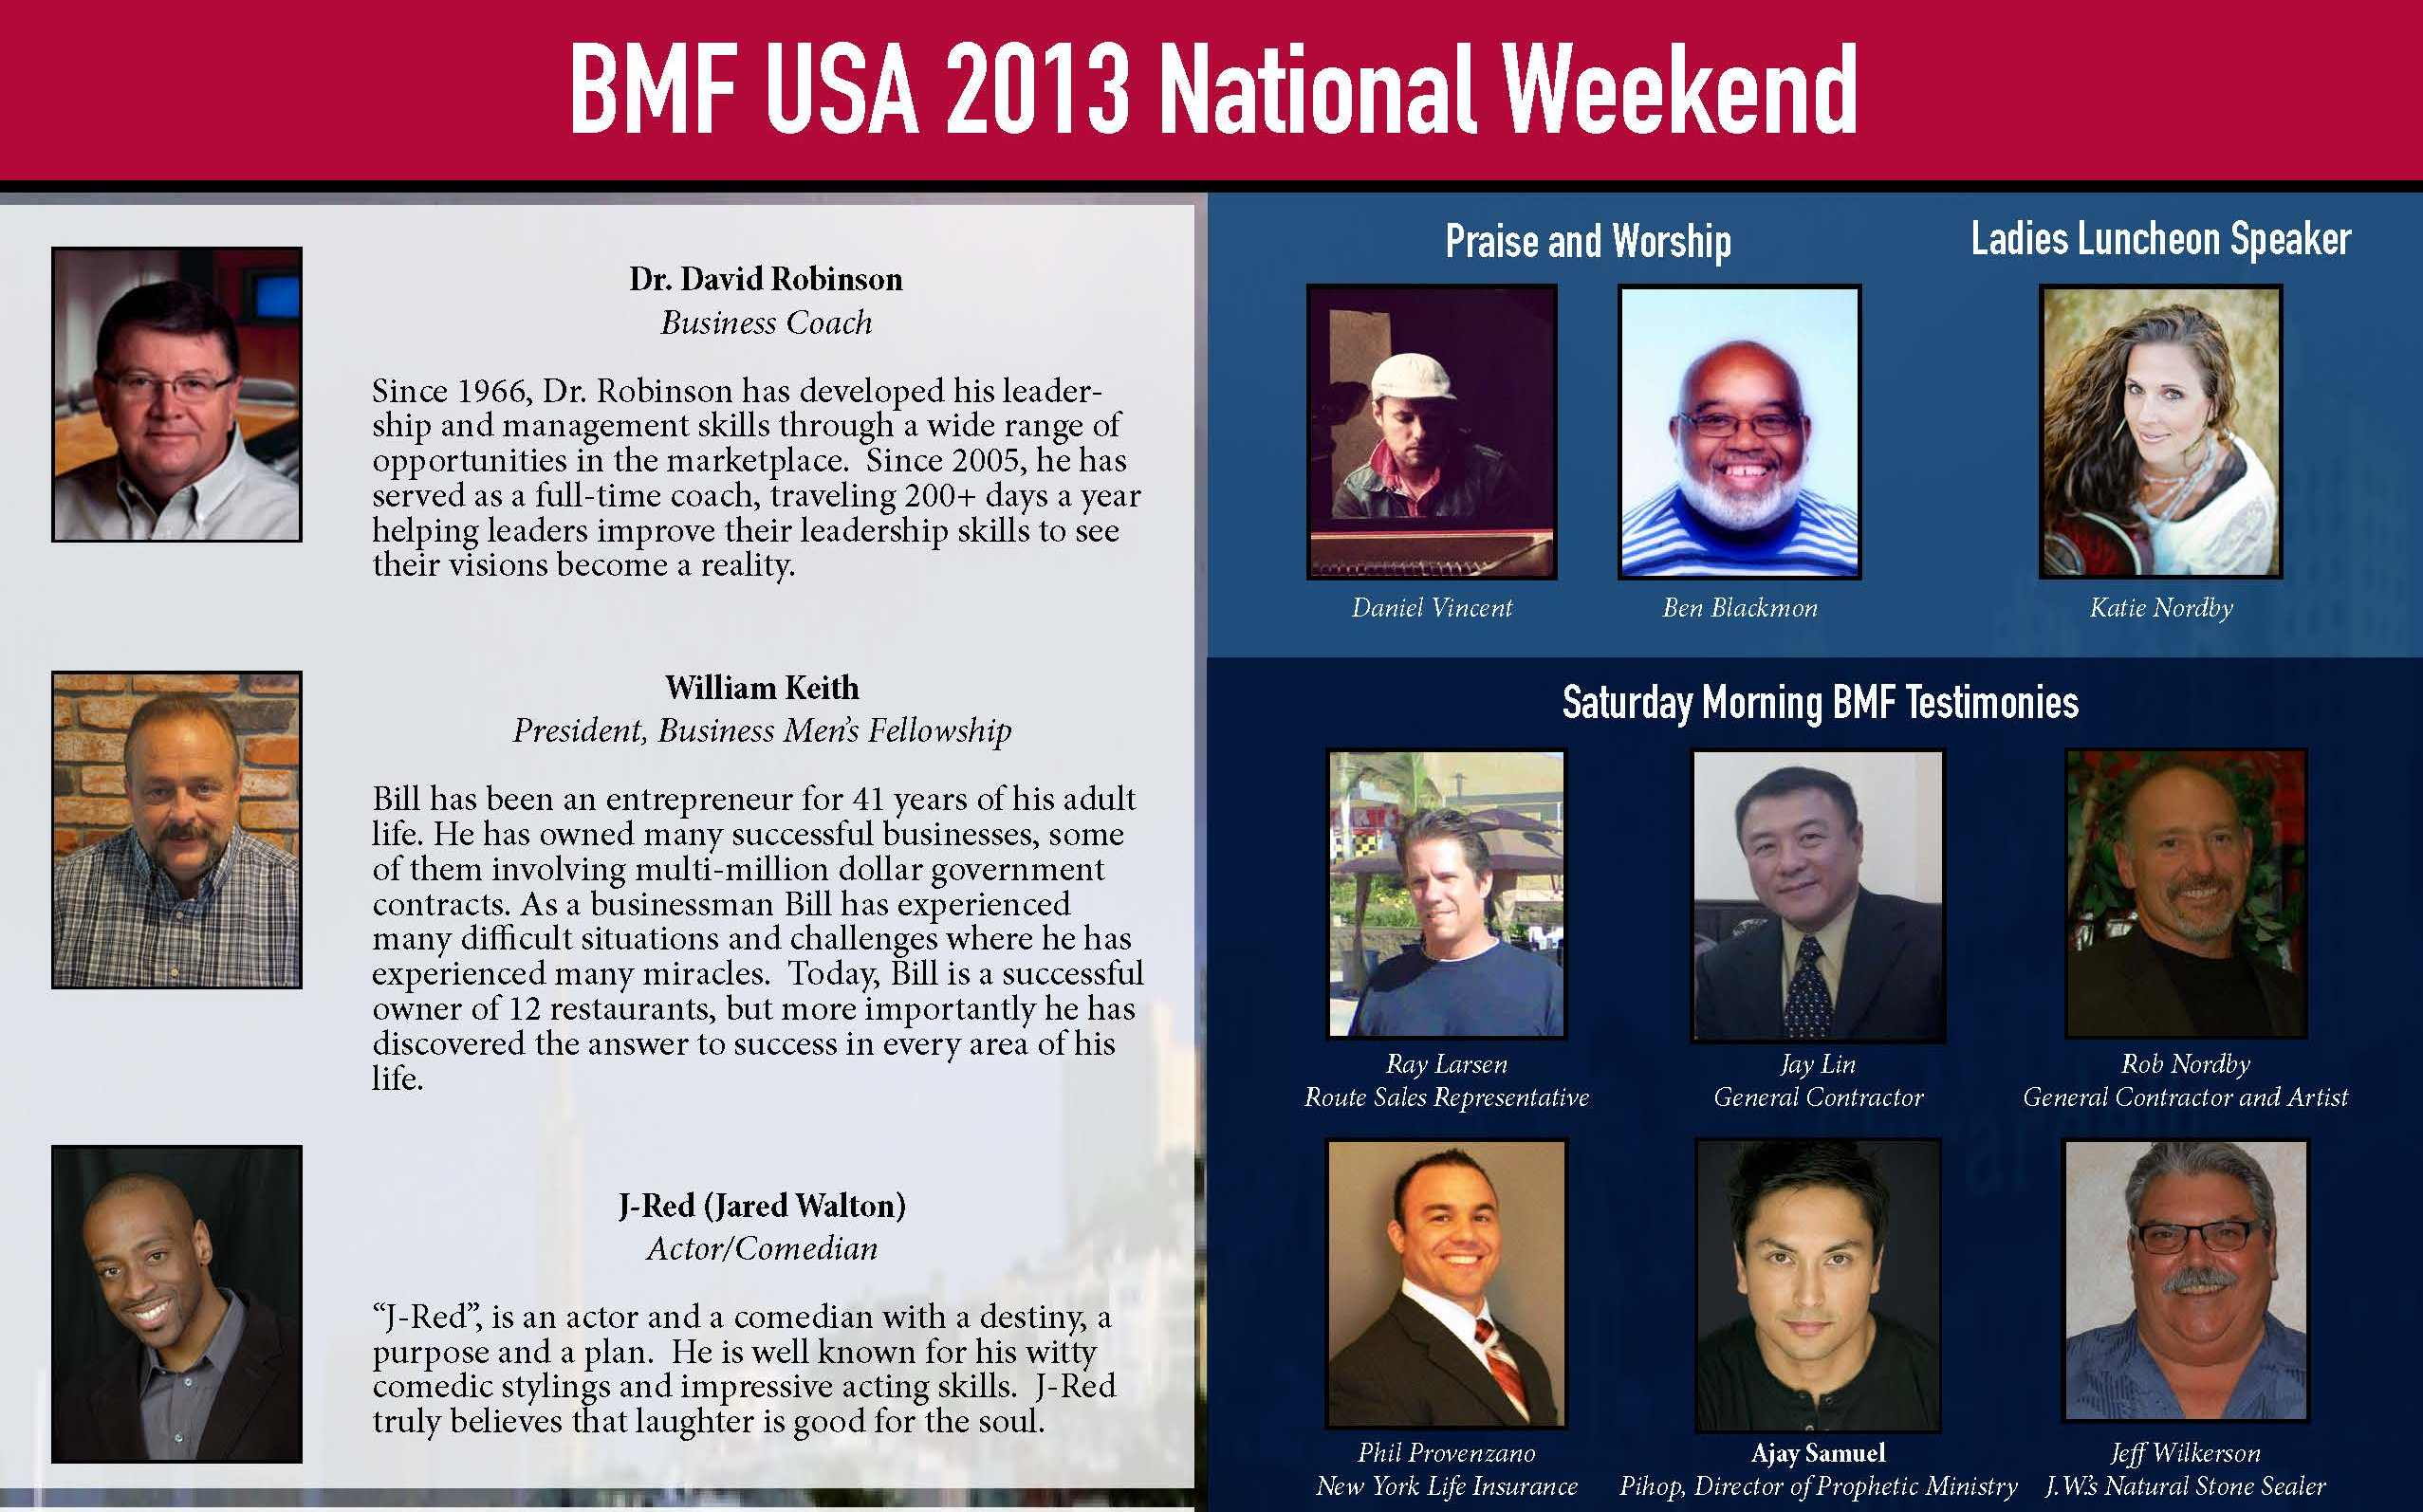 2013 National Weekend